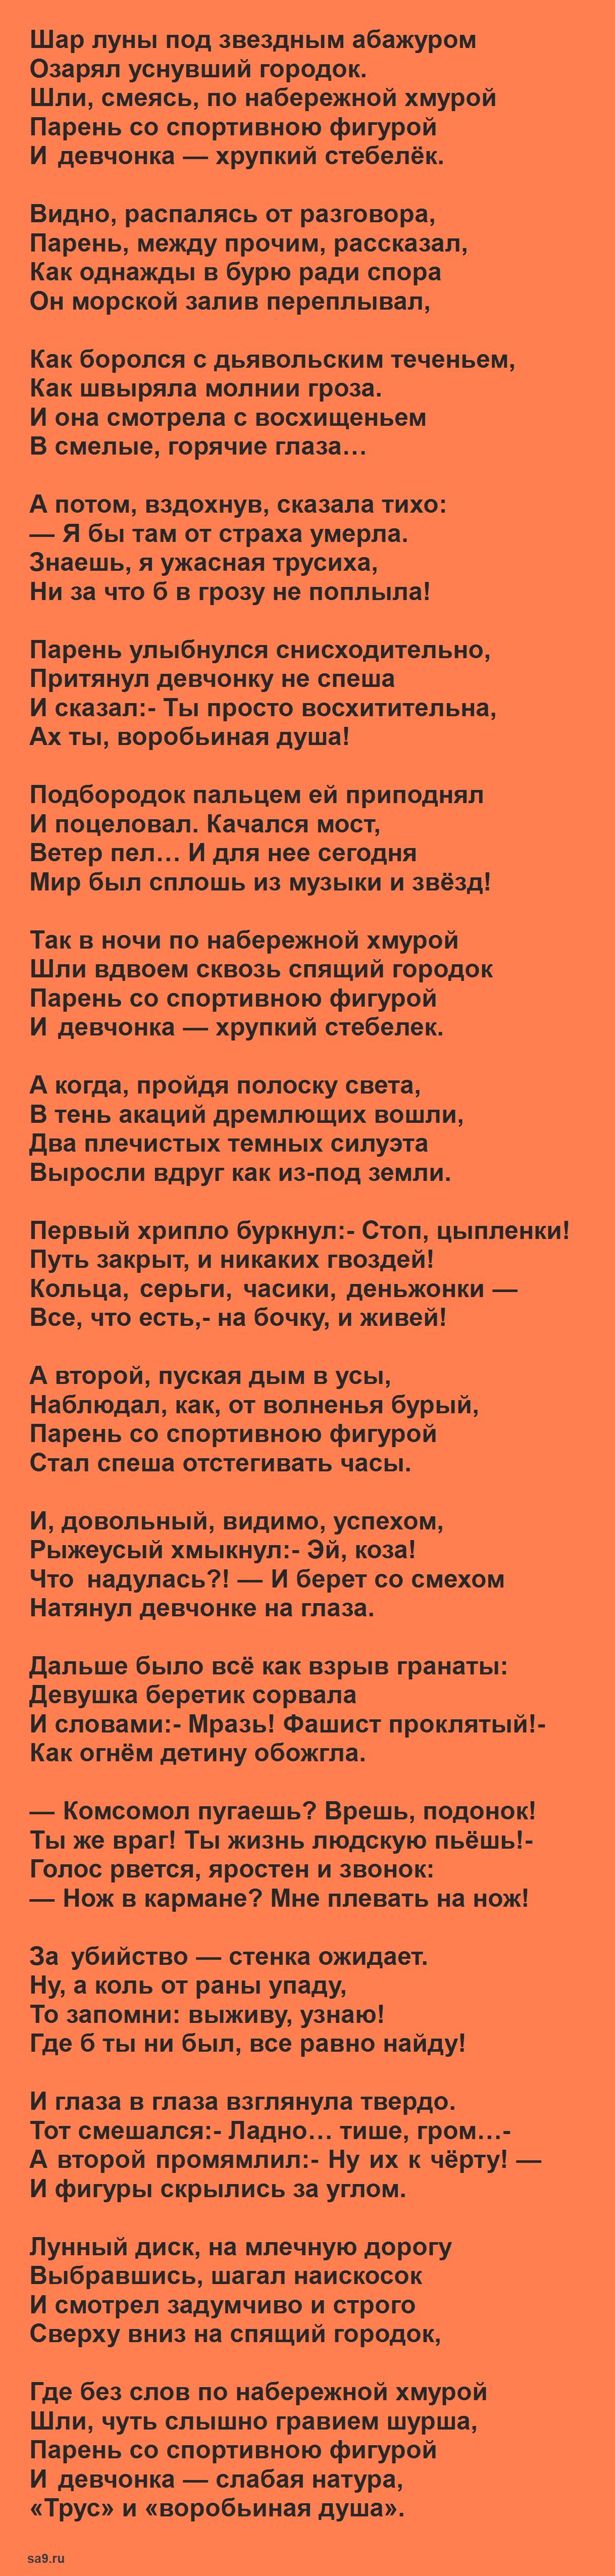 Асадов лучшие стихи о любви - Трусиха